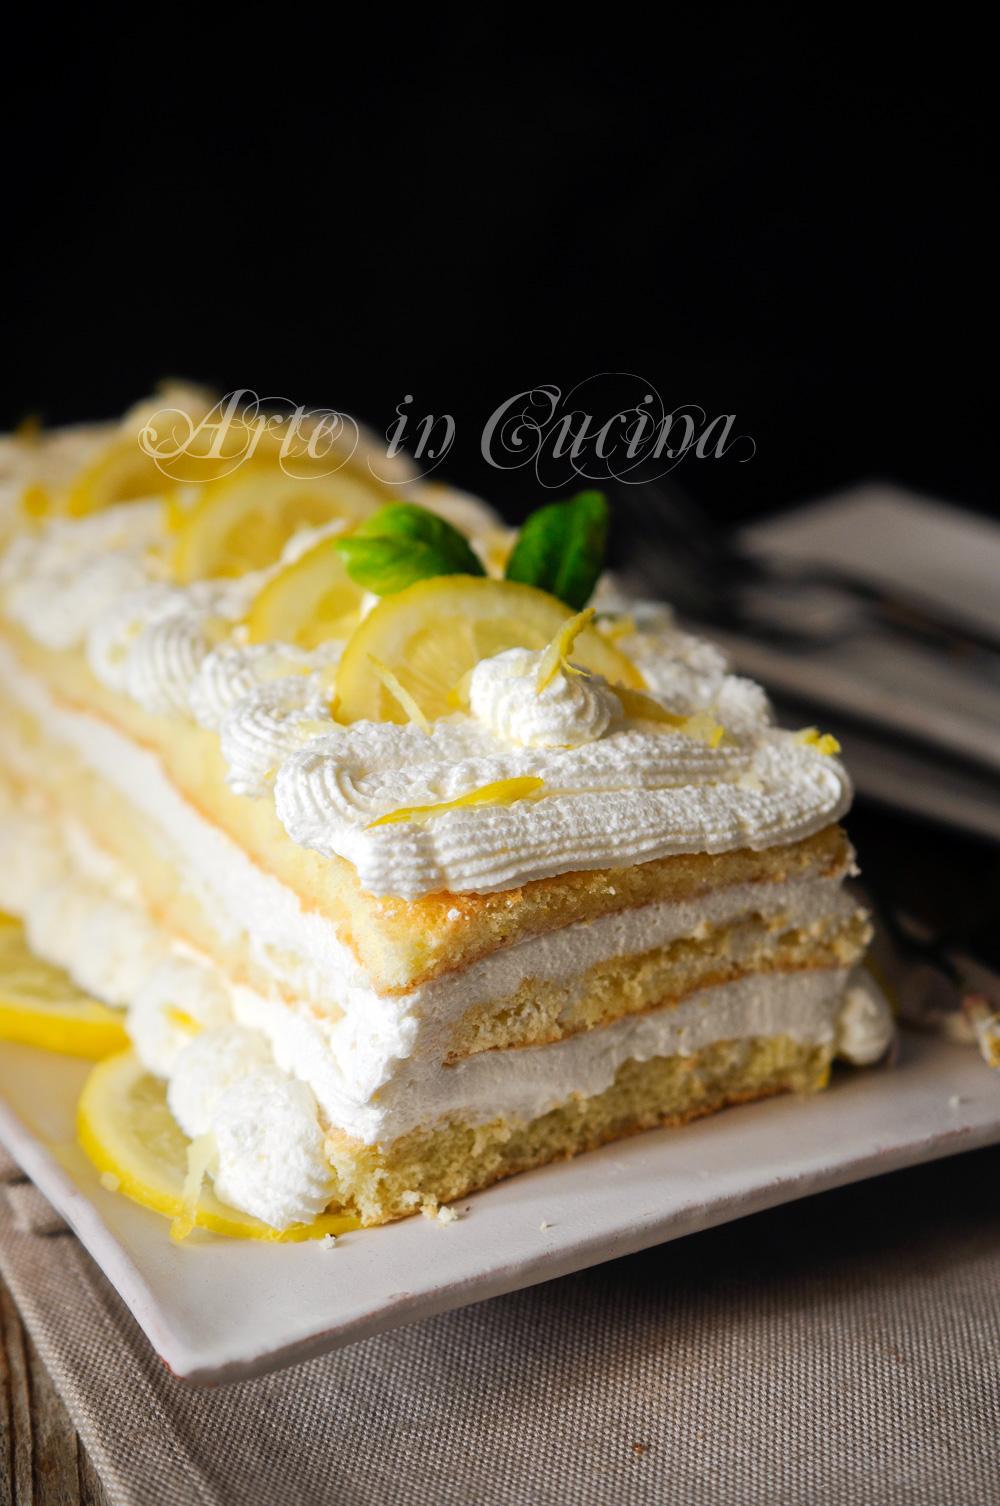 Mattonella semifreddo al limone dolce veloce arte in cucina for Cucina dolce